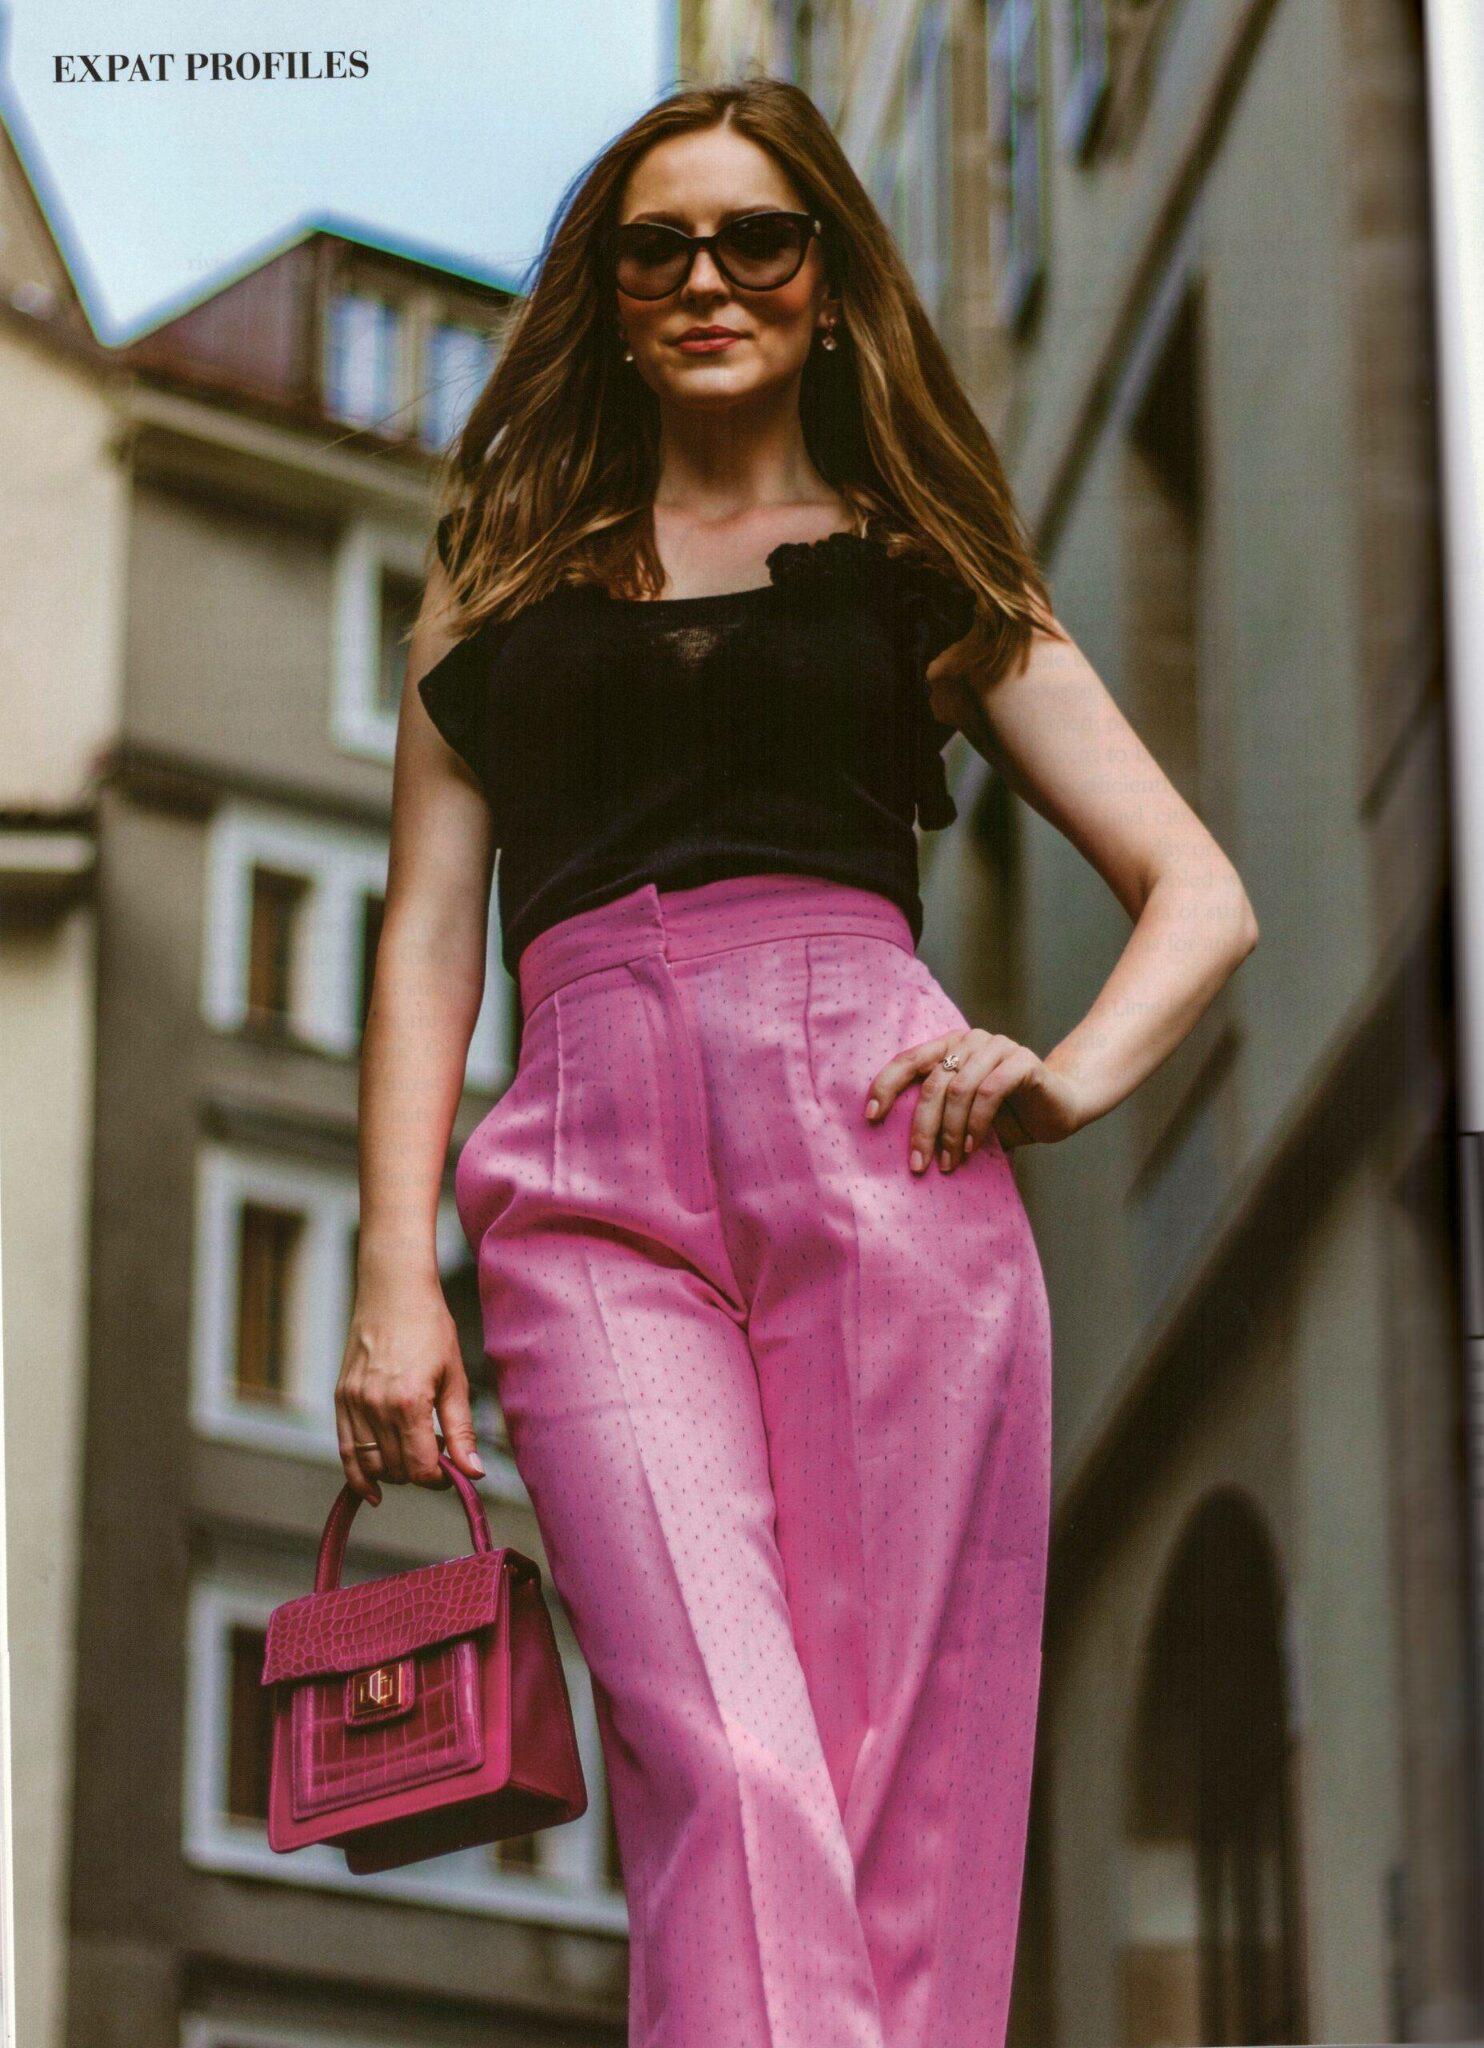 Press, Izabela Bella Zofia in Geneva, Street Style. Wearing  pink trousers from Sandro Paris